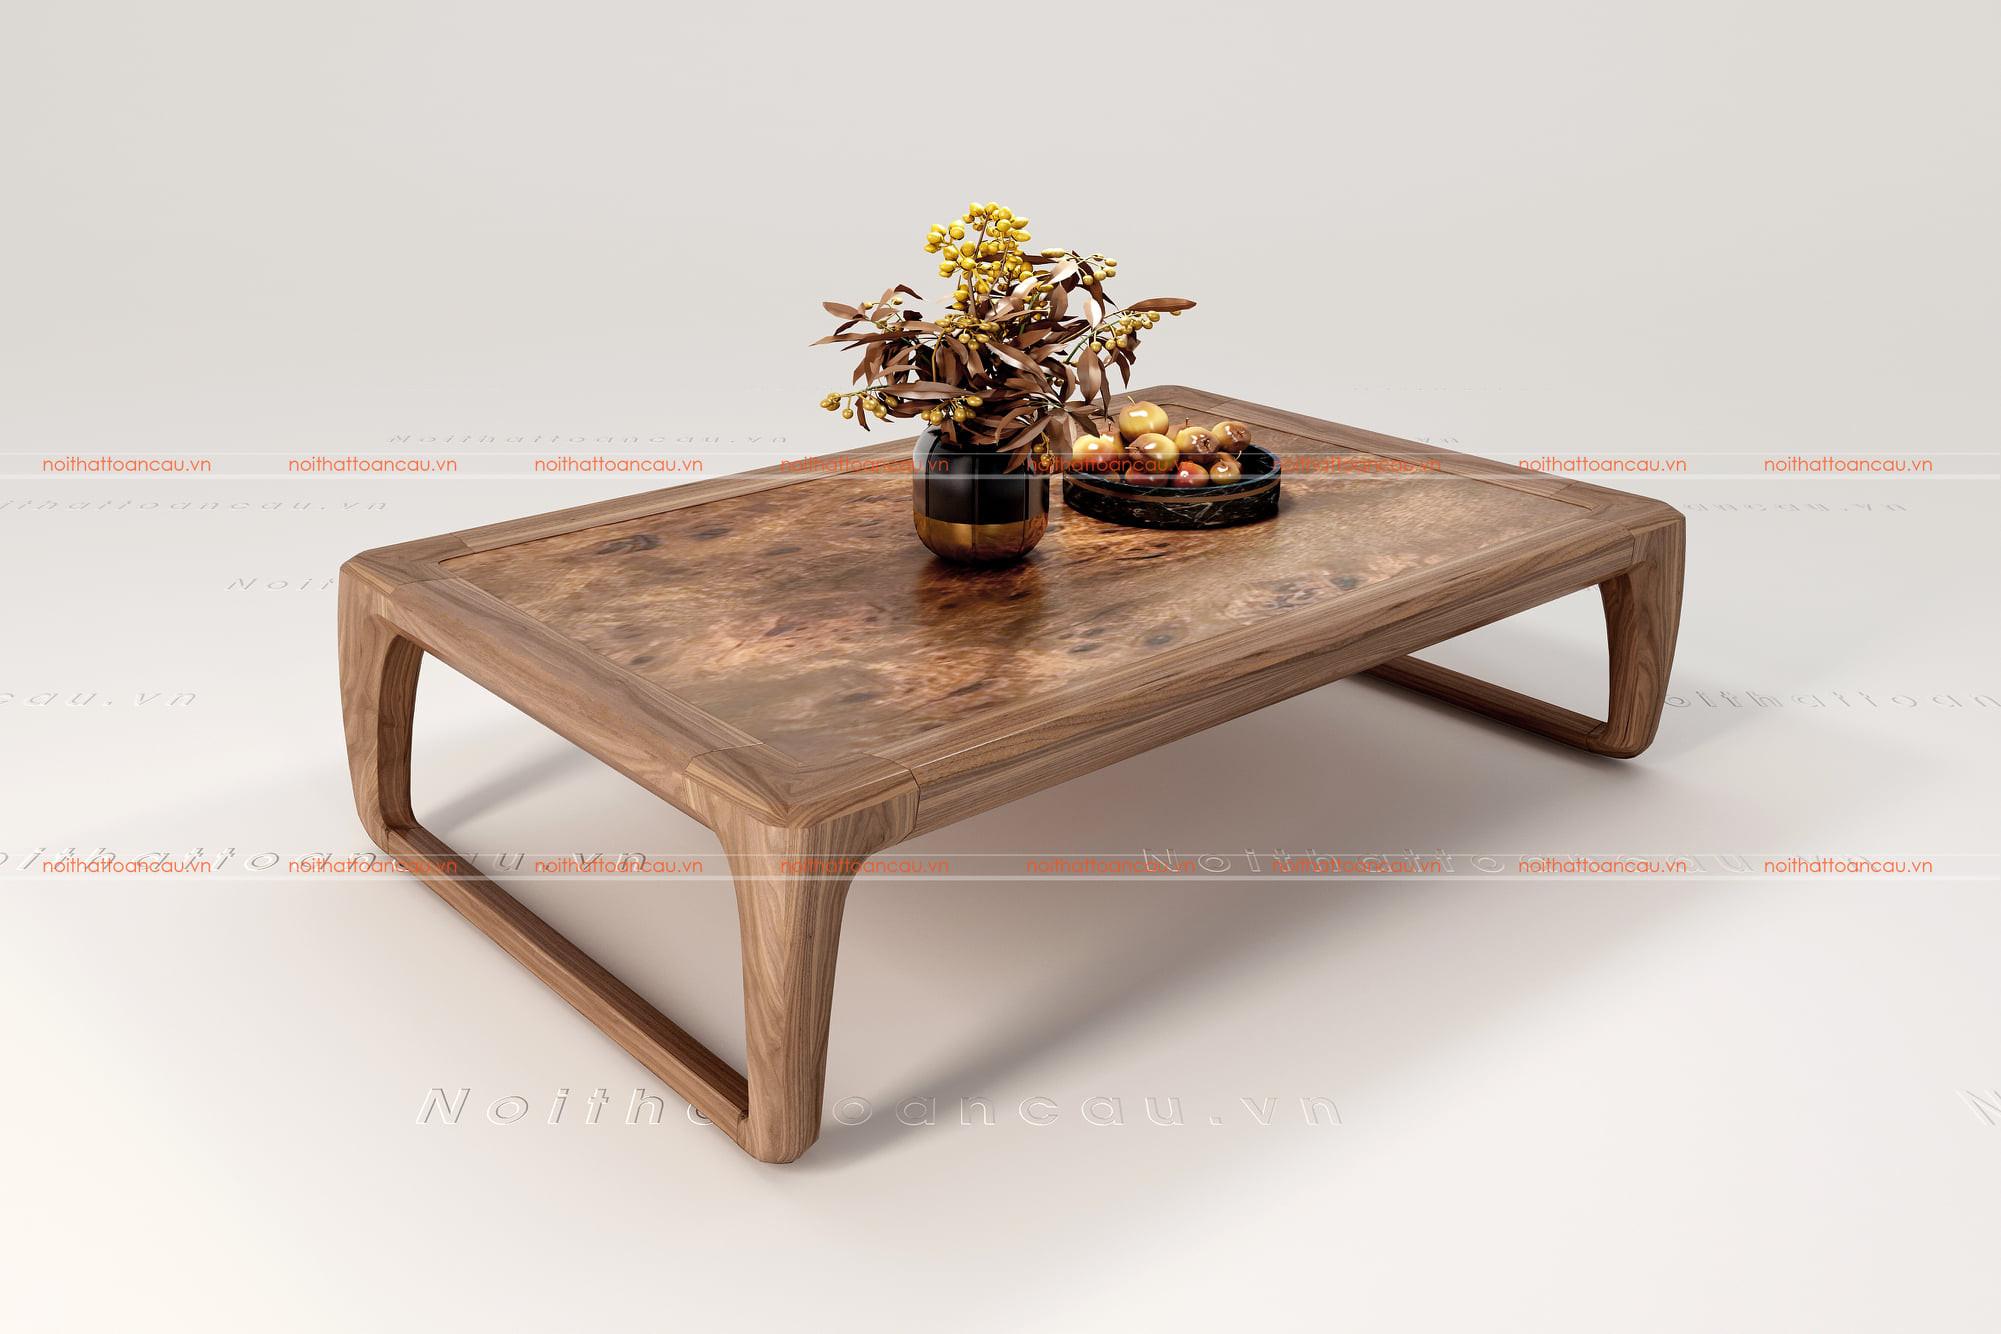 bàn trà gỗ óc chó đồng gia